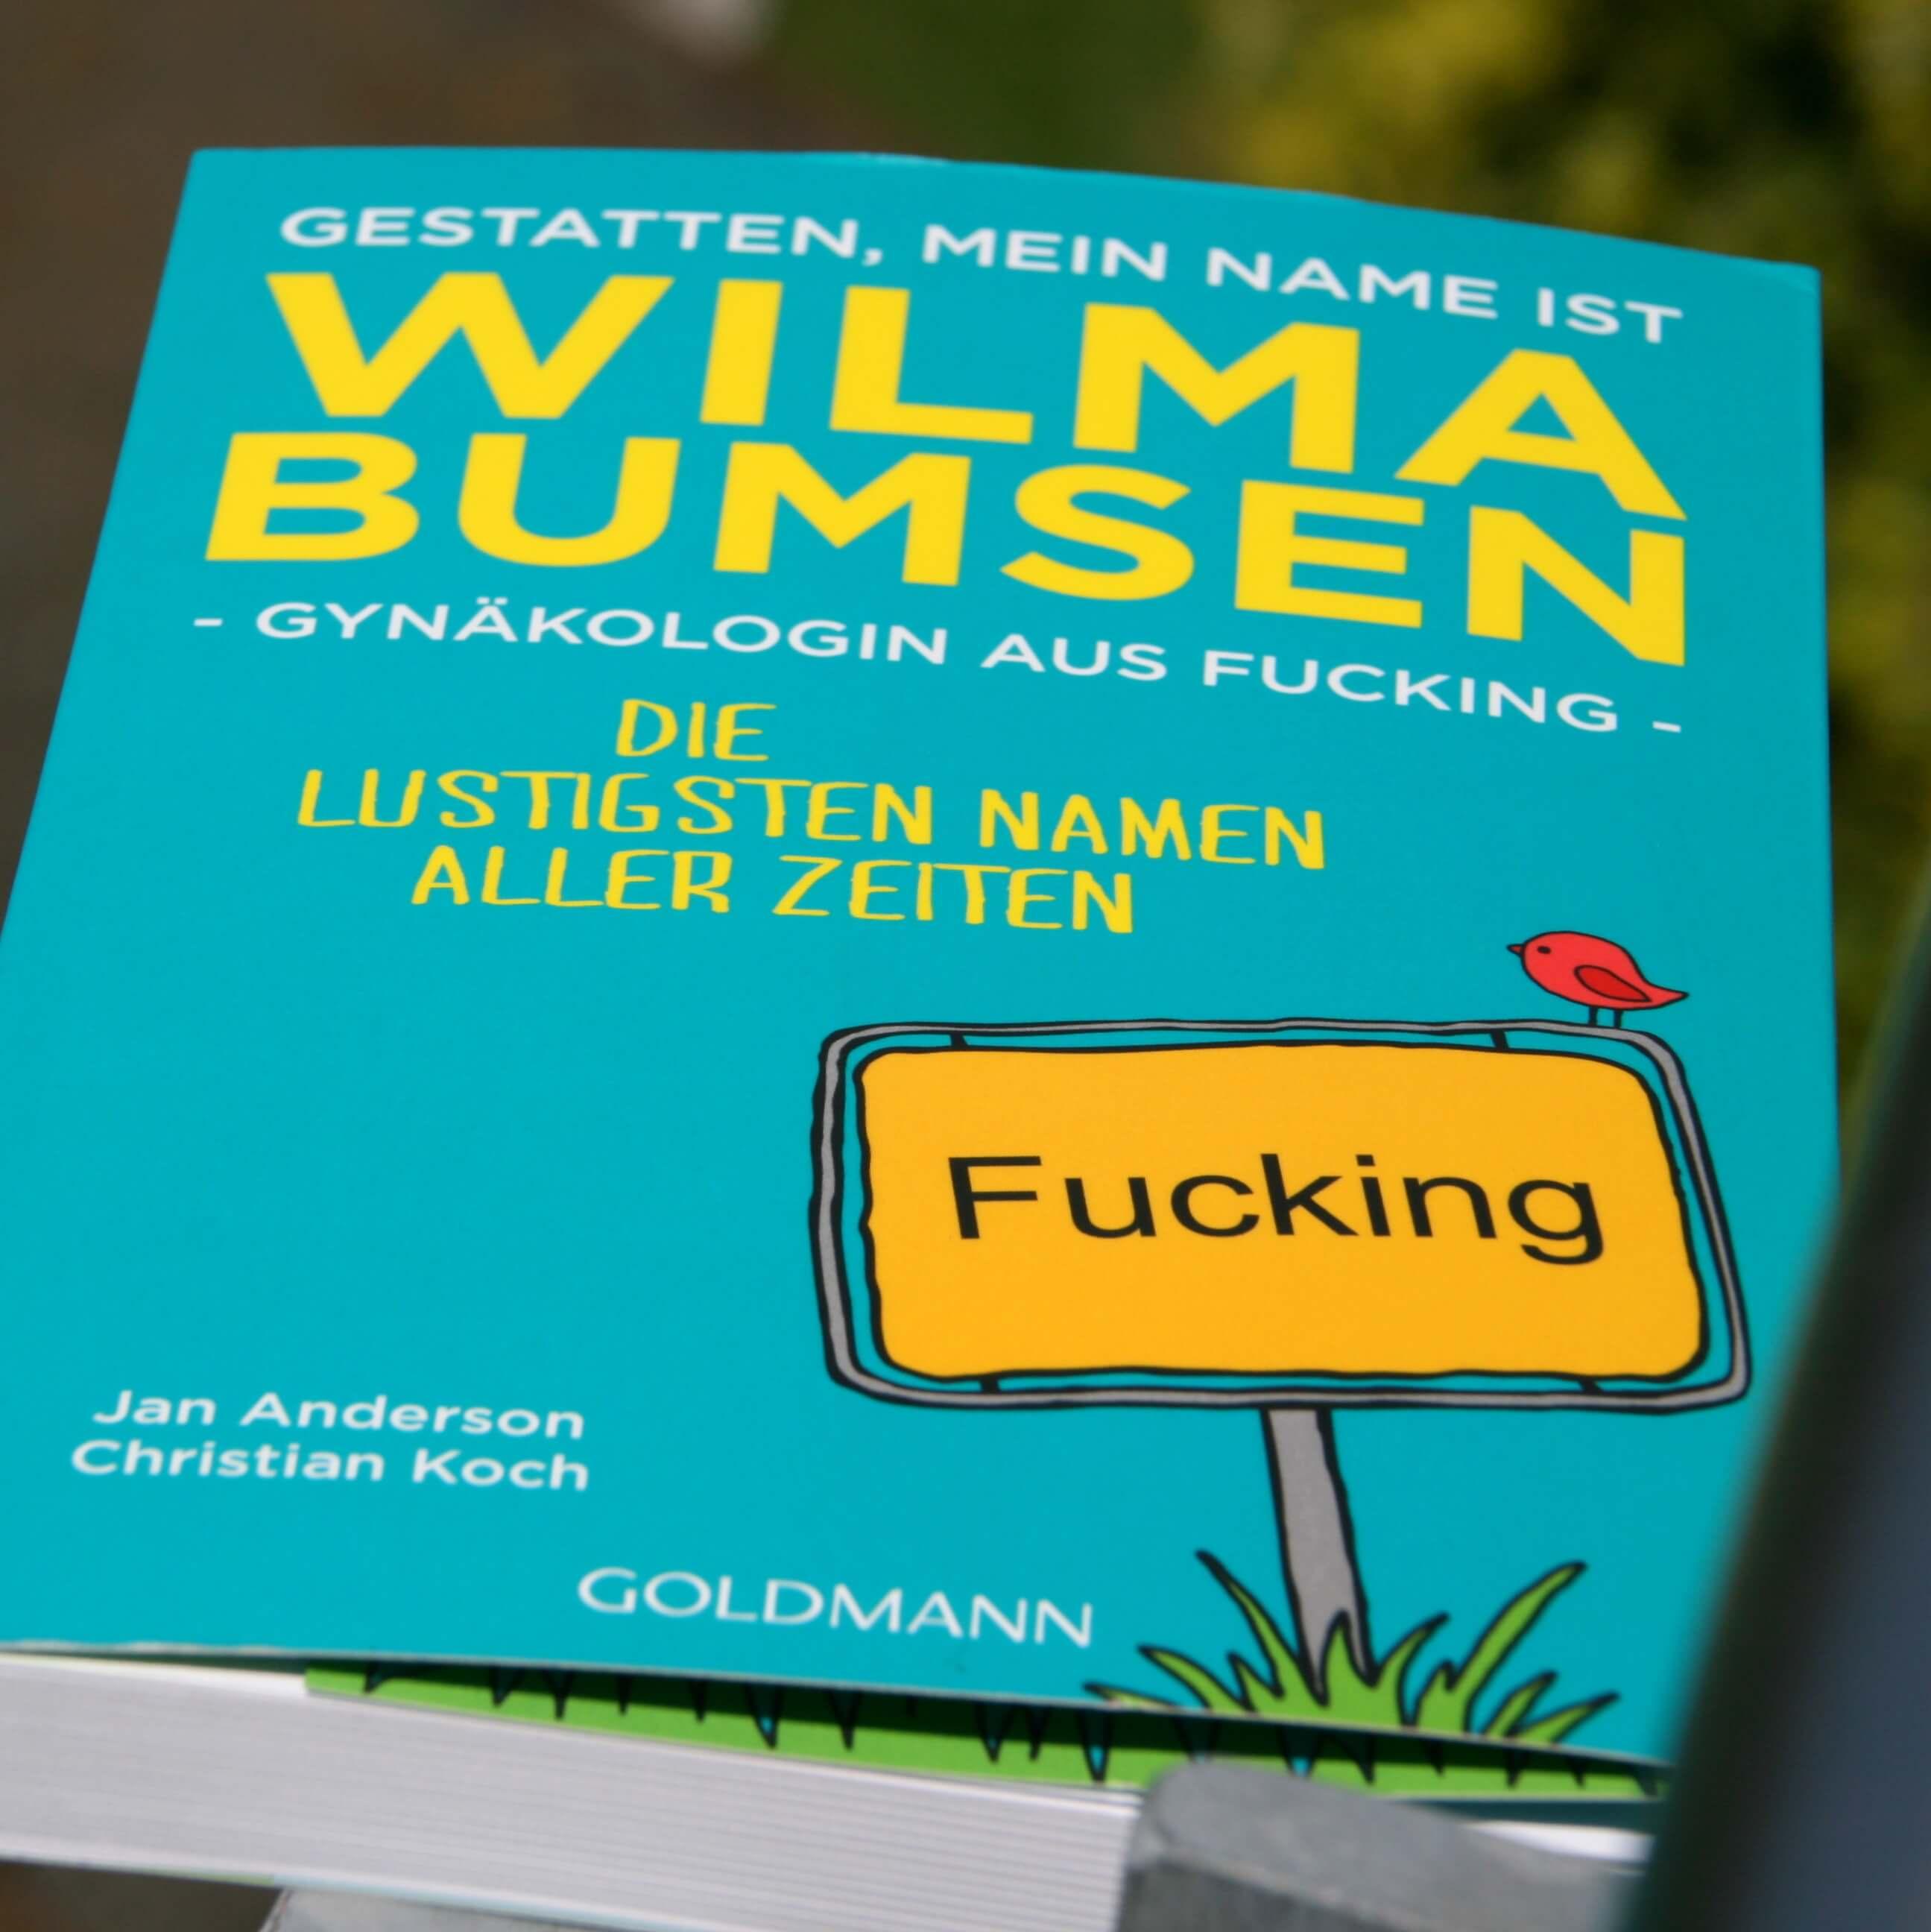 Wilmabunden